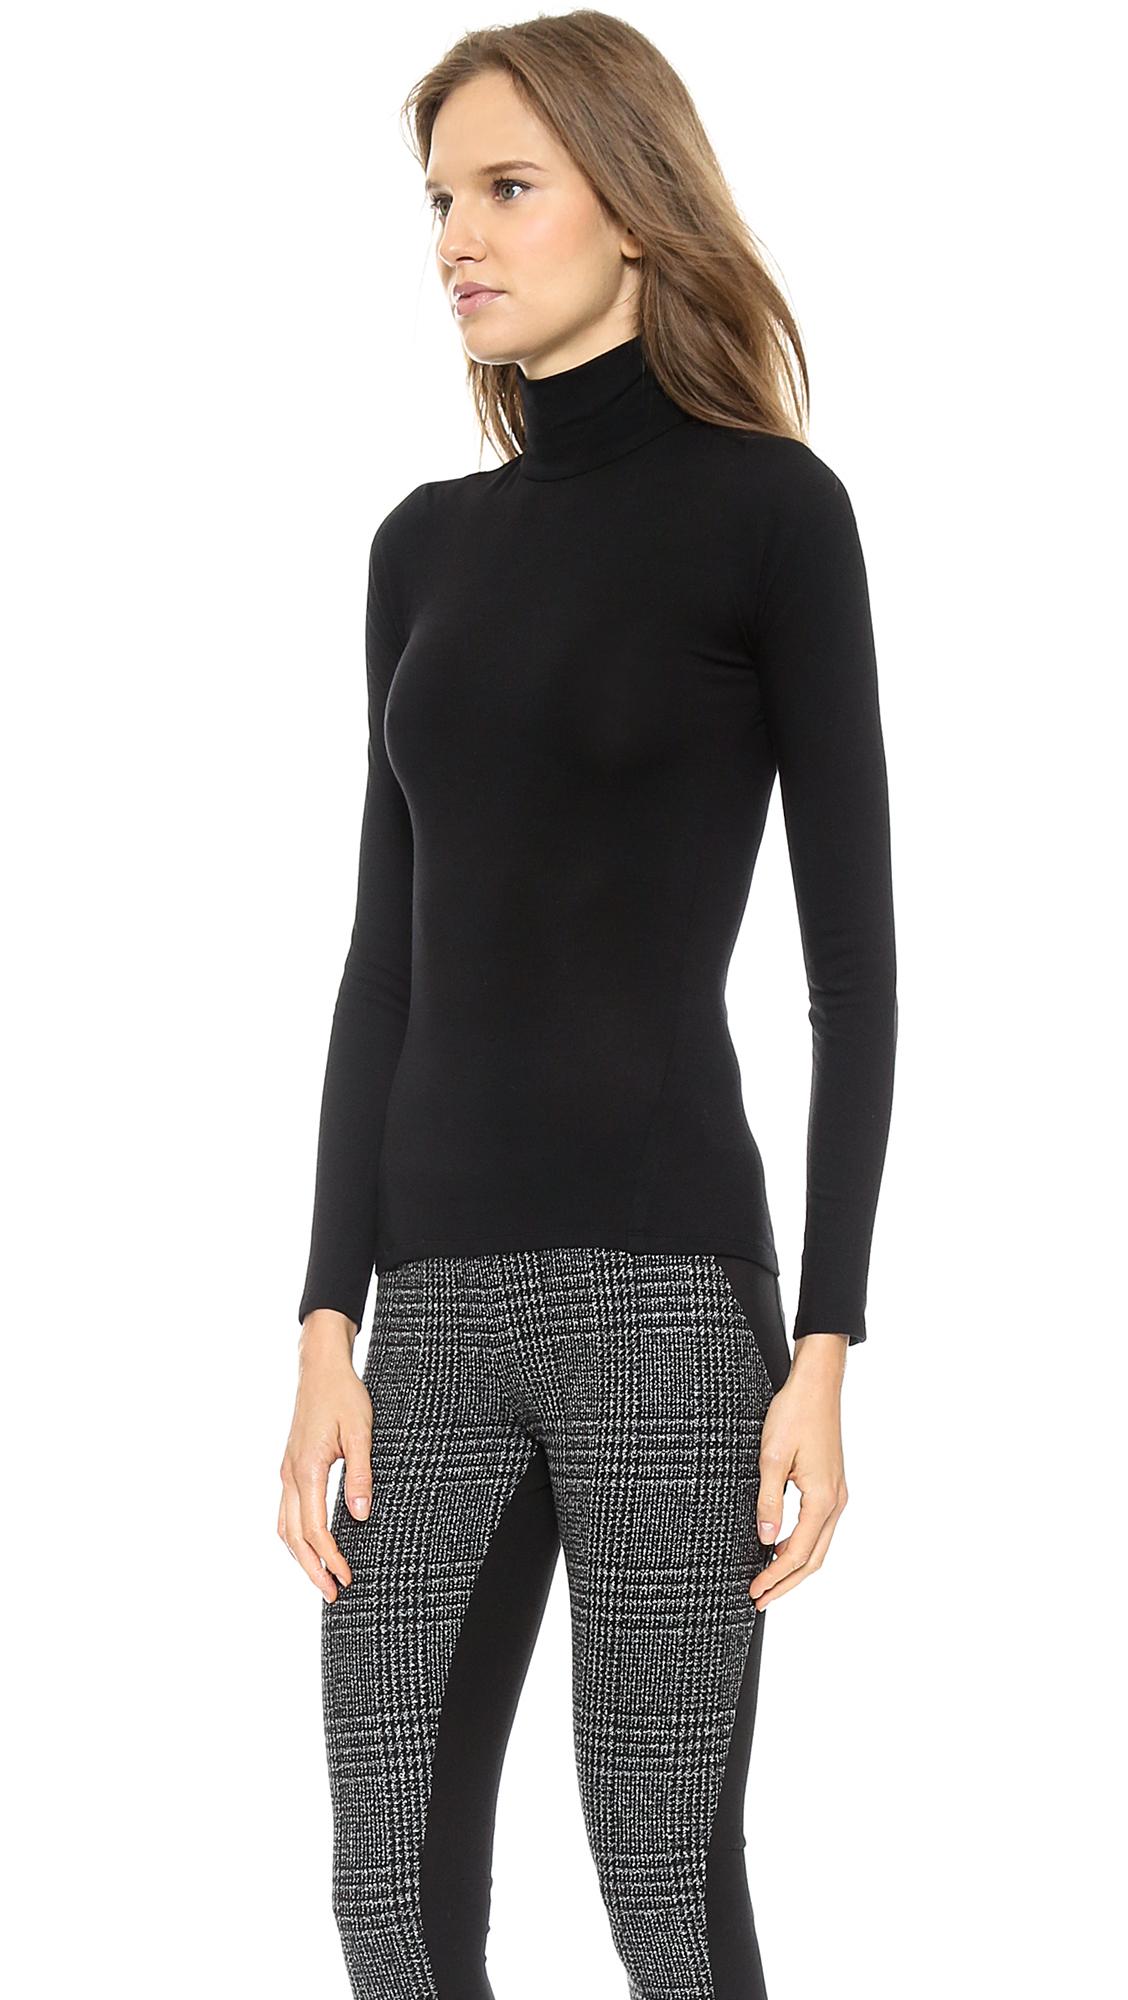 Donna karan new york turtleneck with cutout back black for Donna karan new york